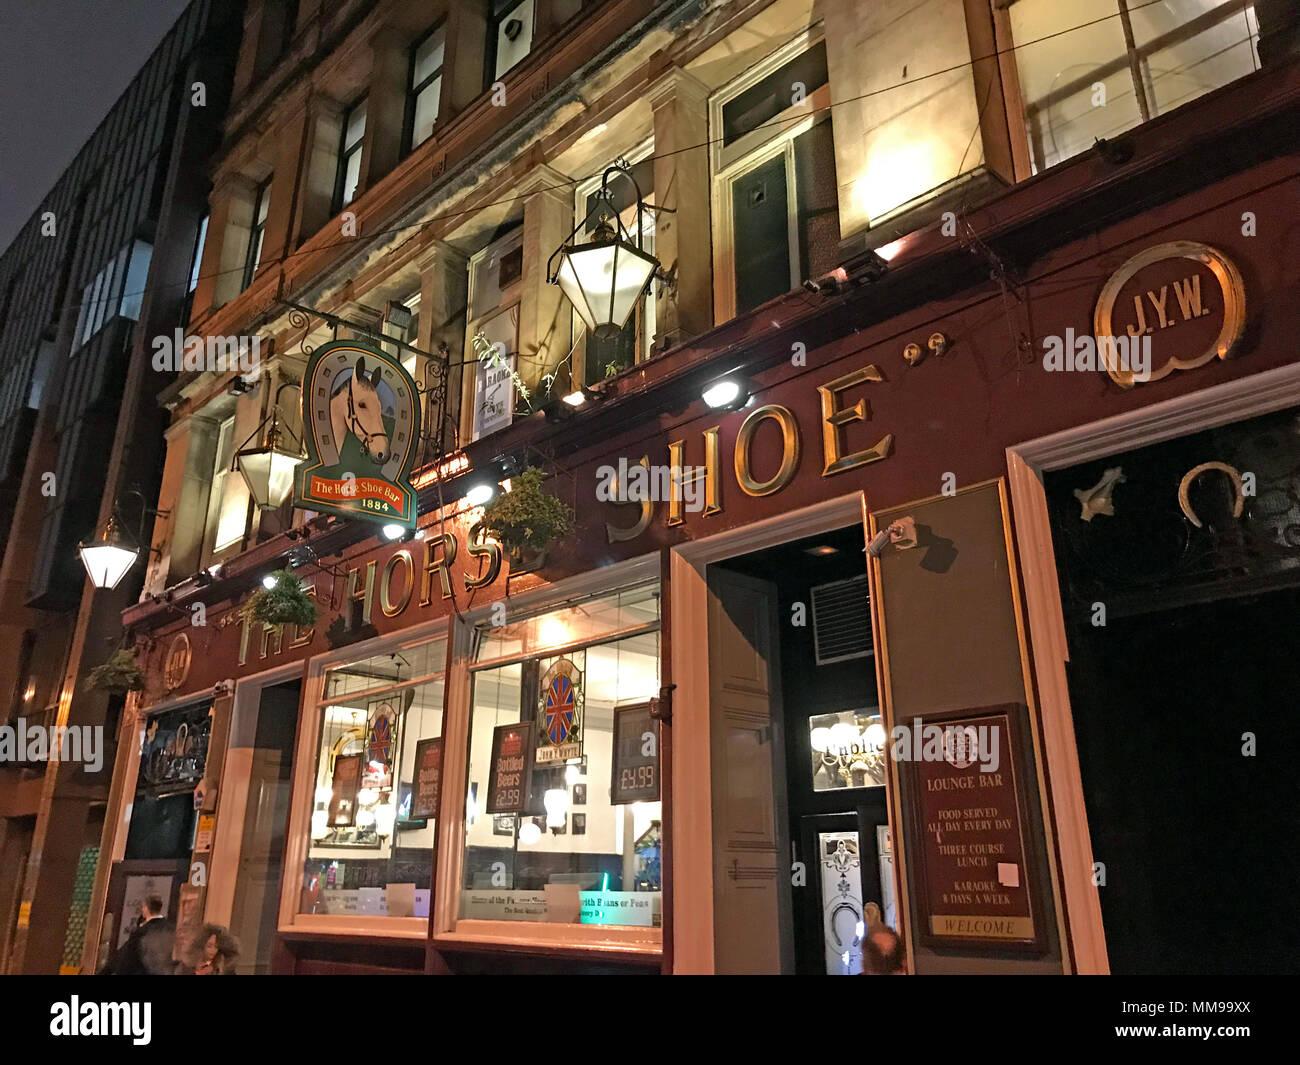 GoTonysmith,@HotpixUK,Horse,Shoe,bar,pub,Horseshoe,24